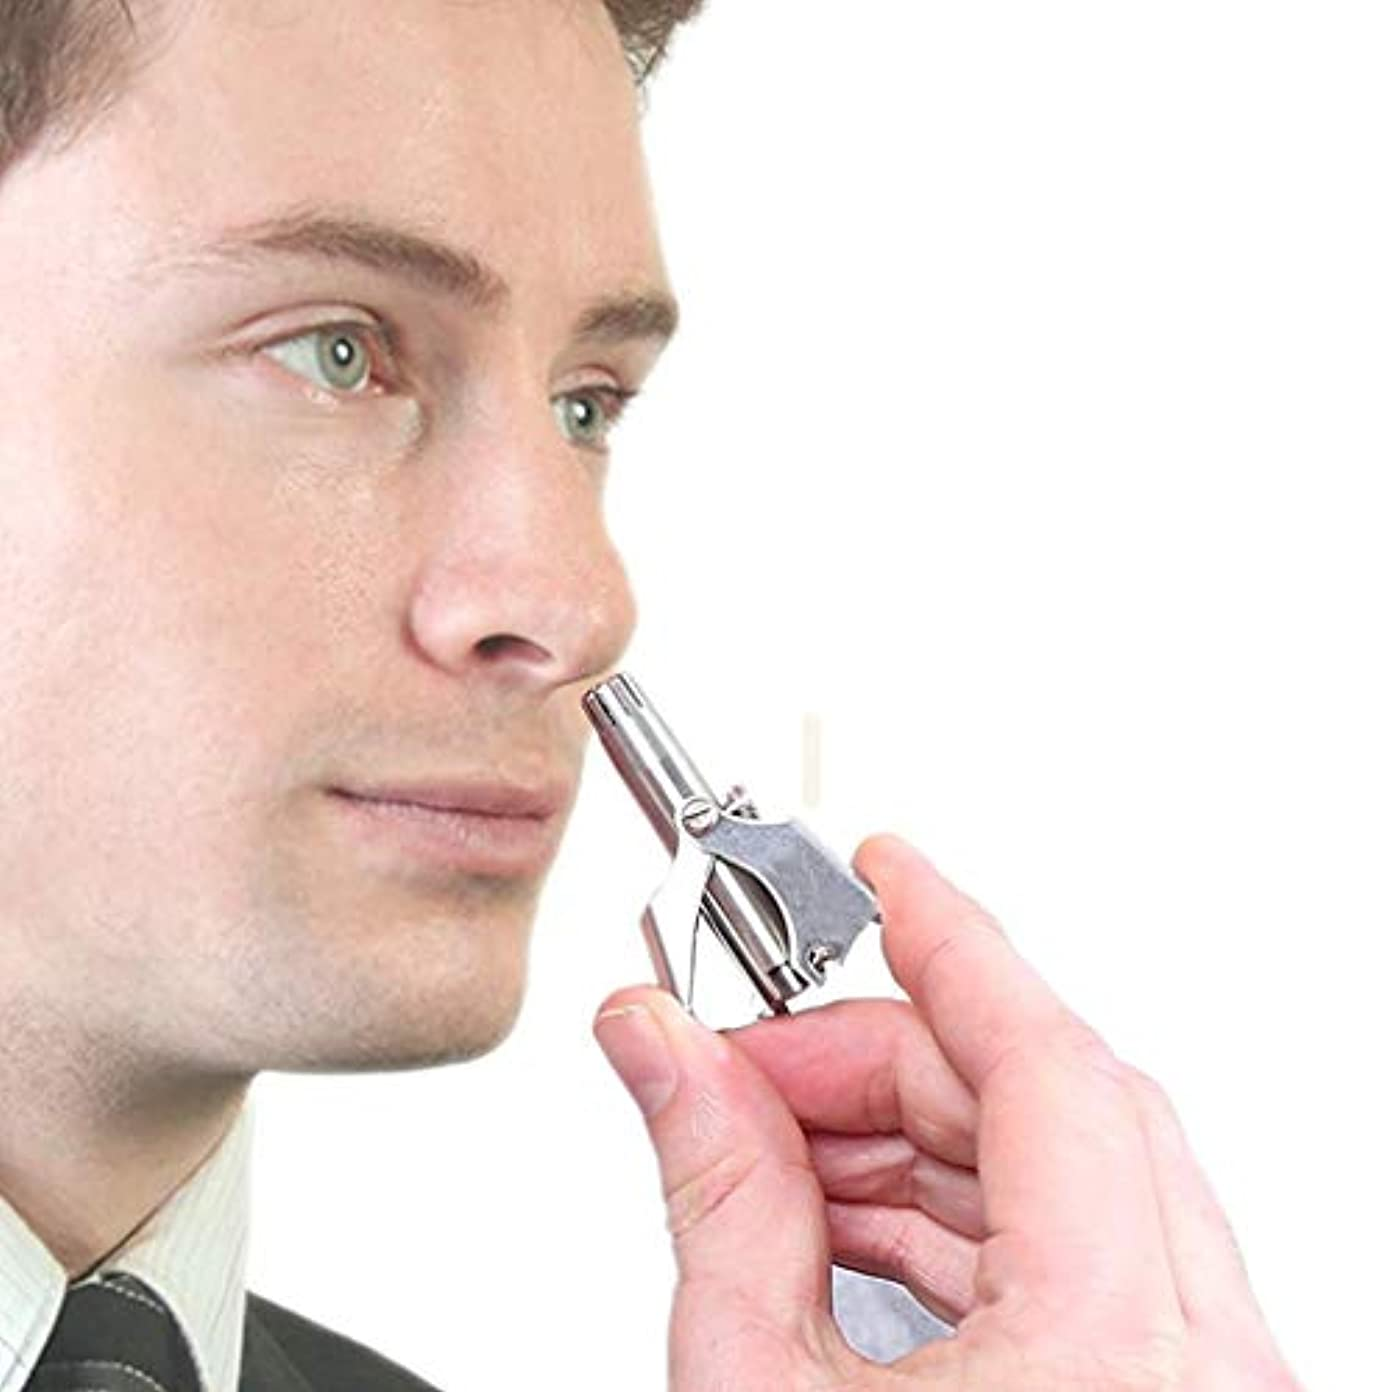 ブッシュホールド舌男性&女性のためのポータブルマニュアル鼻&耳毛トリマー、パーフェクトマニュアルステンレス鋼の鼻毛リムーバー、必要ないいえ電池、簡単な清掃